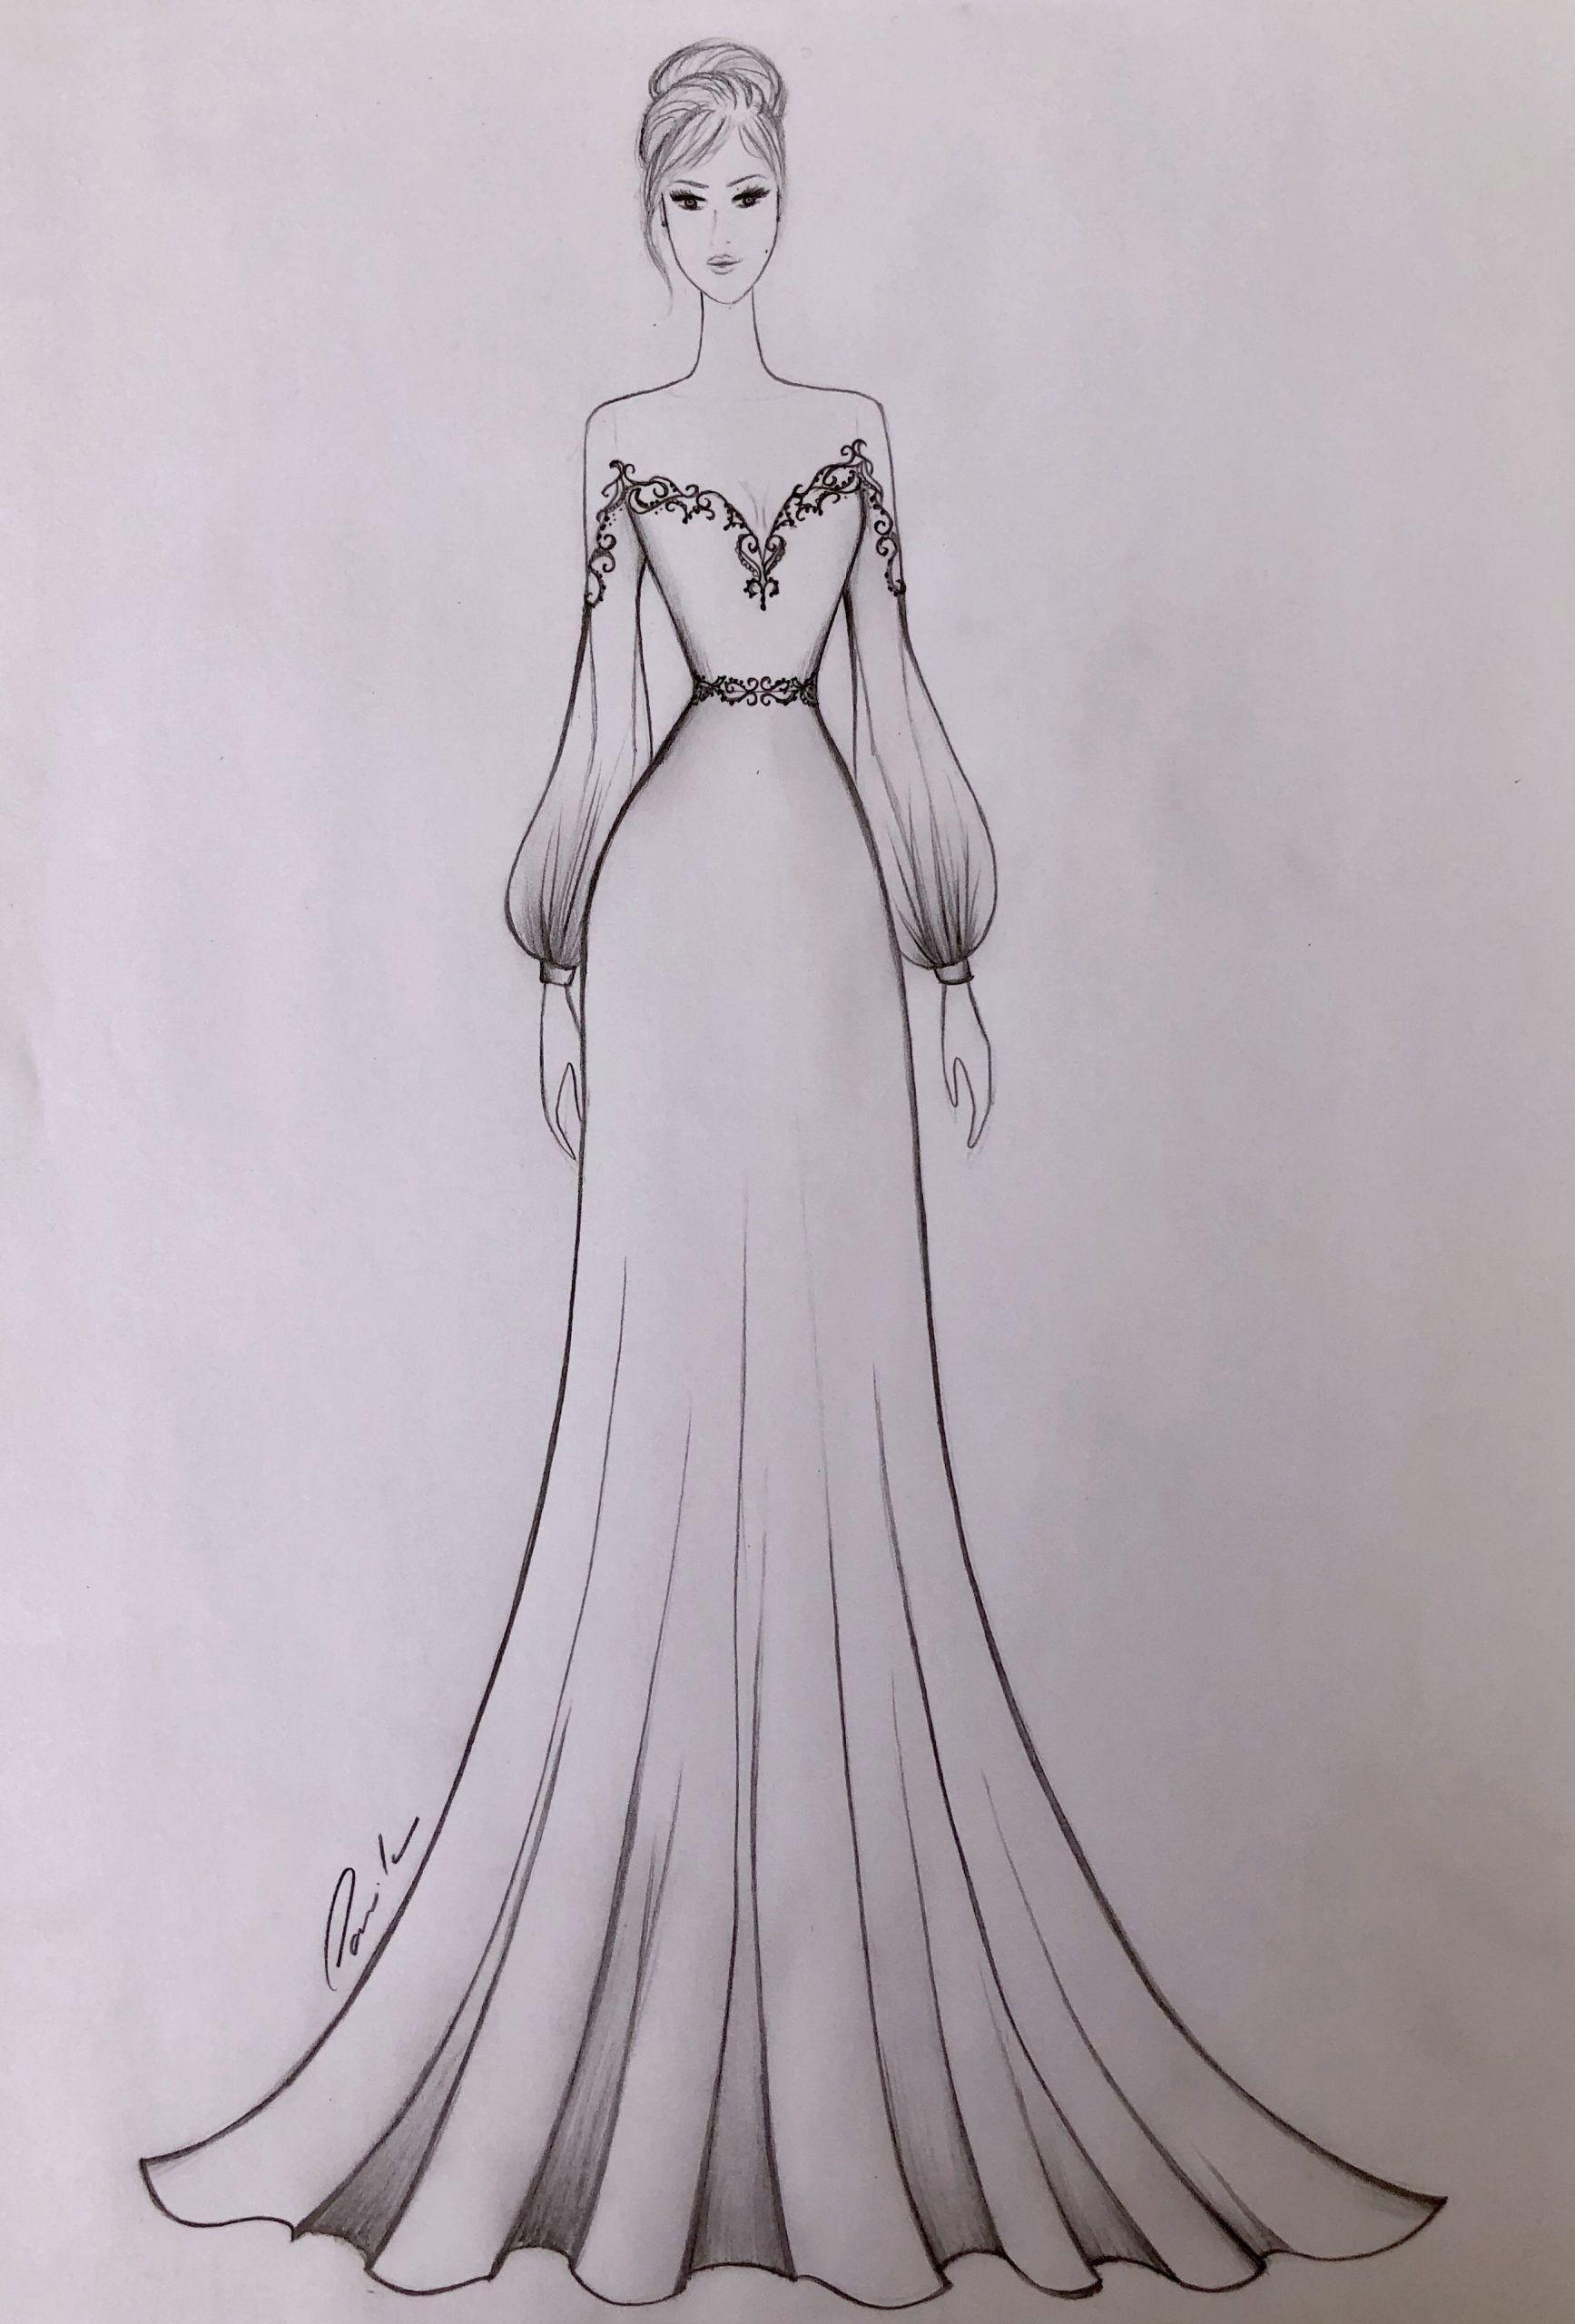 25+ Modelli abiti da sposa disegni ideas in 2021